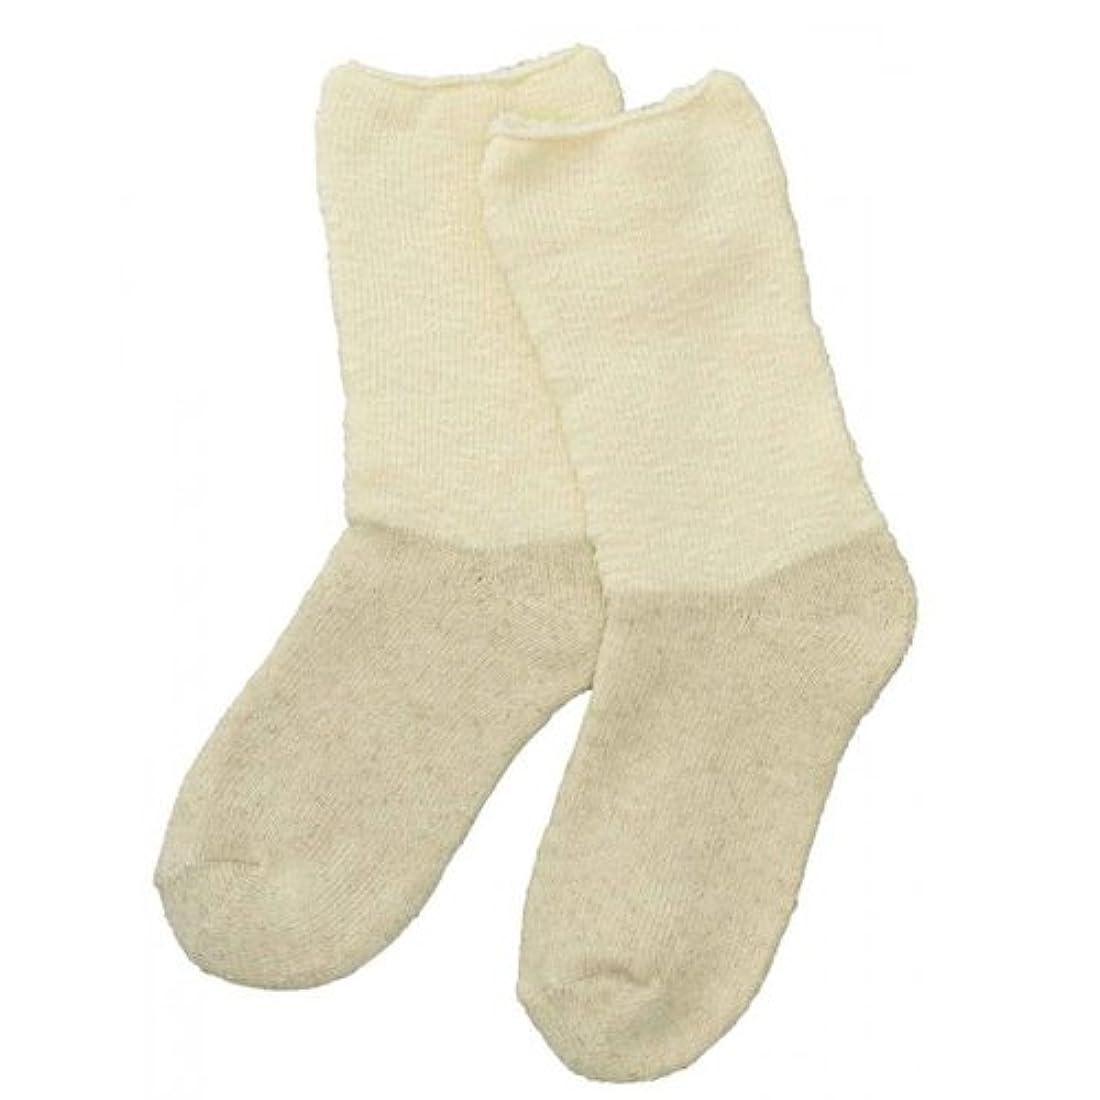 加入数イースターCarelance(ケアランス)お風呂上りのやさしい靴下 綿麻パイルで足先さわやか 8706CA-31 クリーム